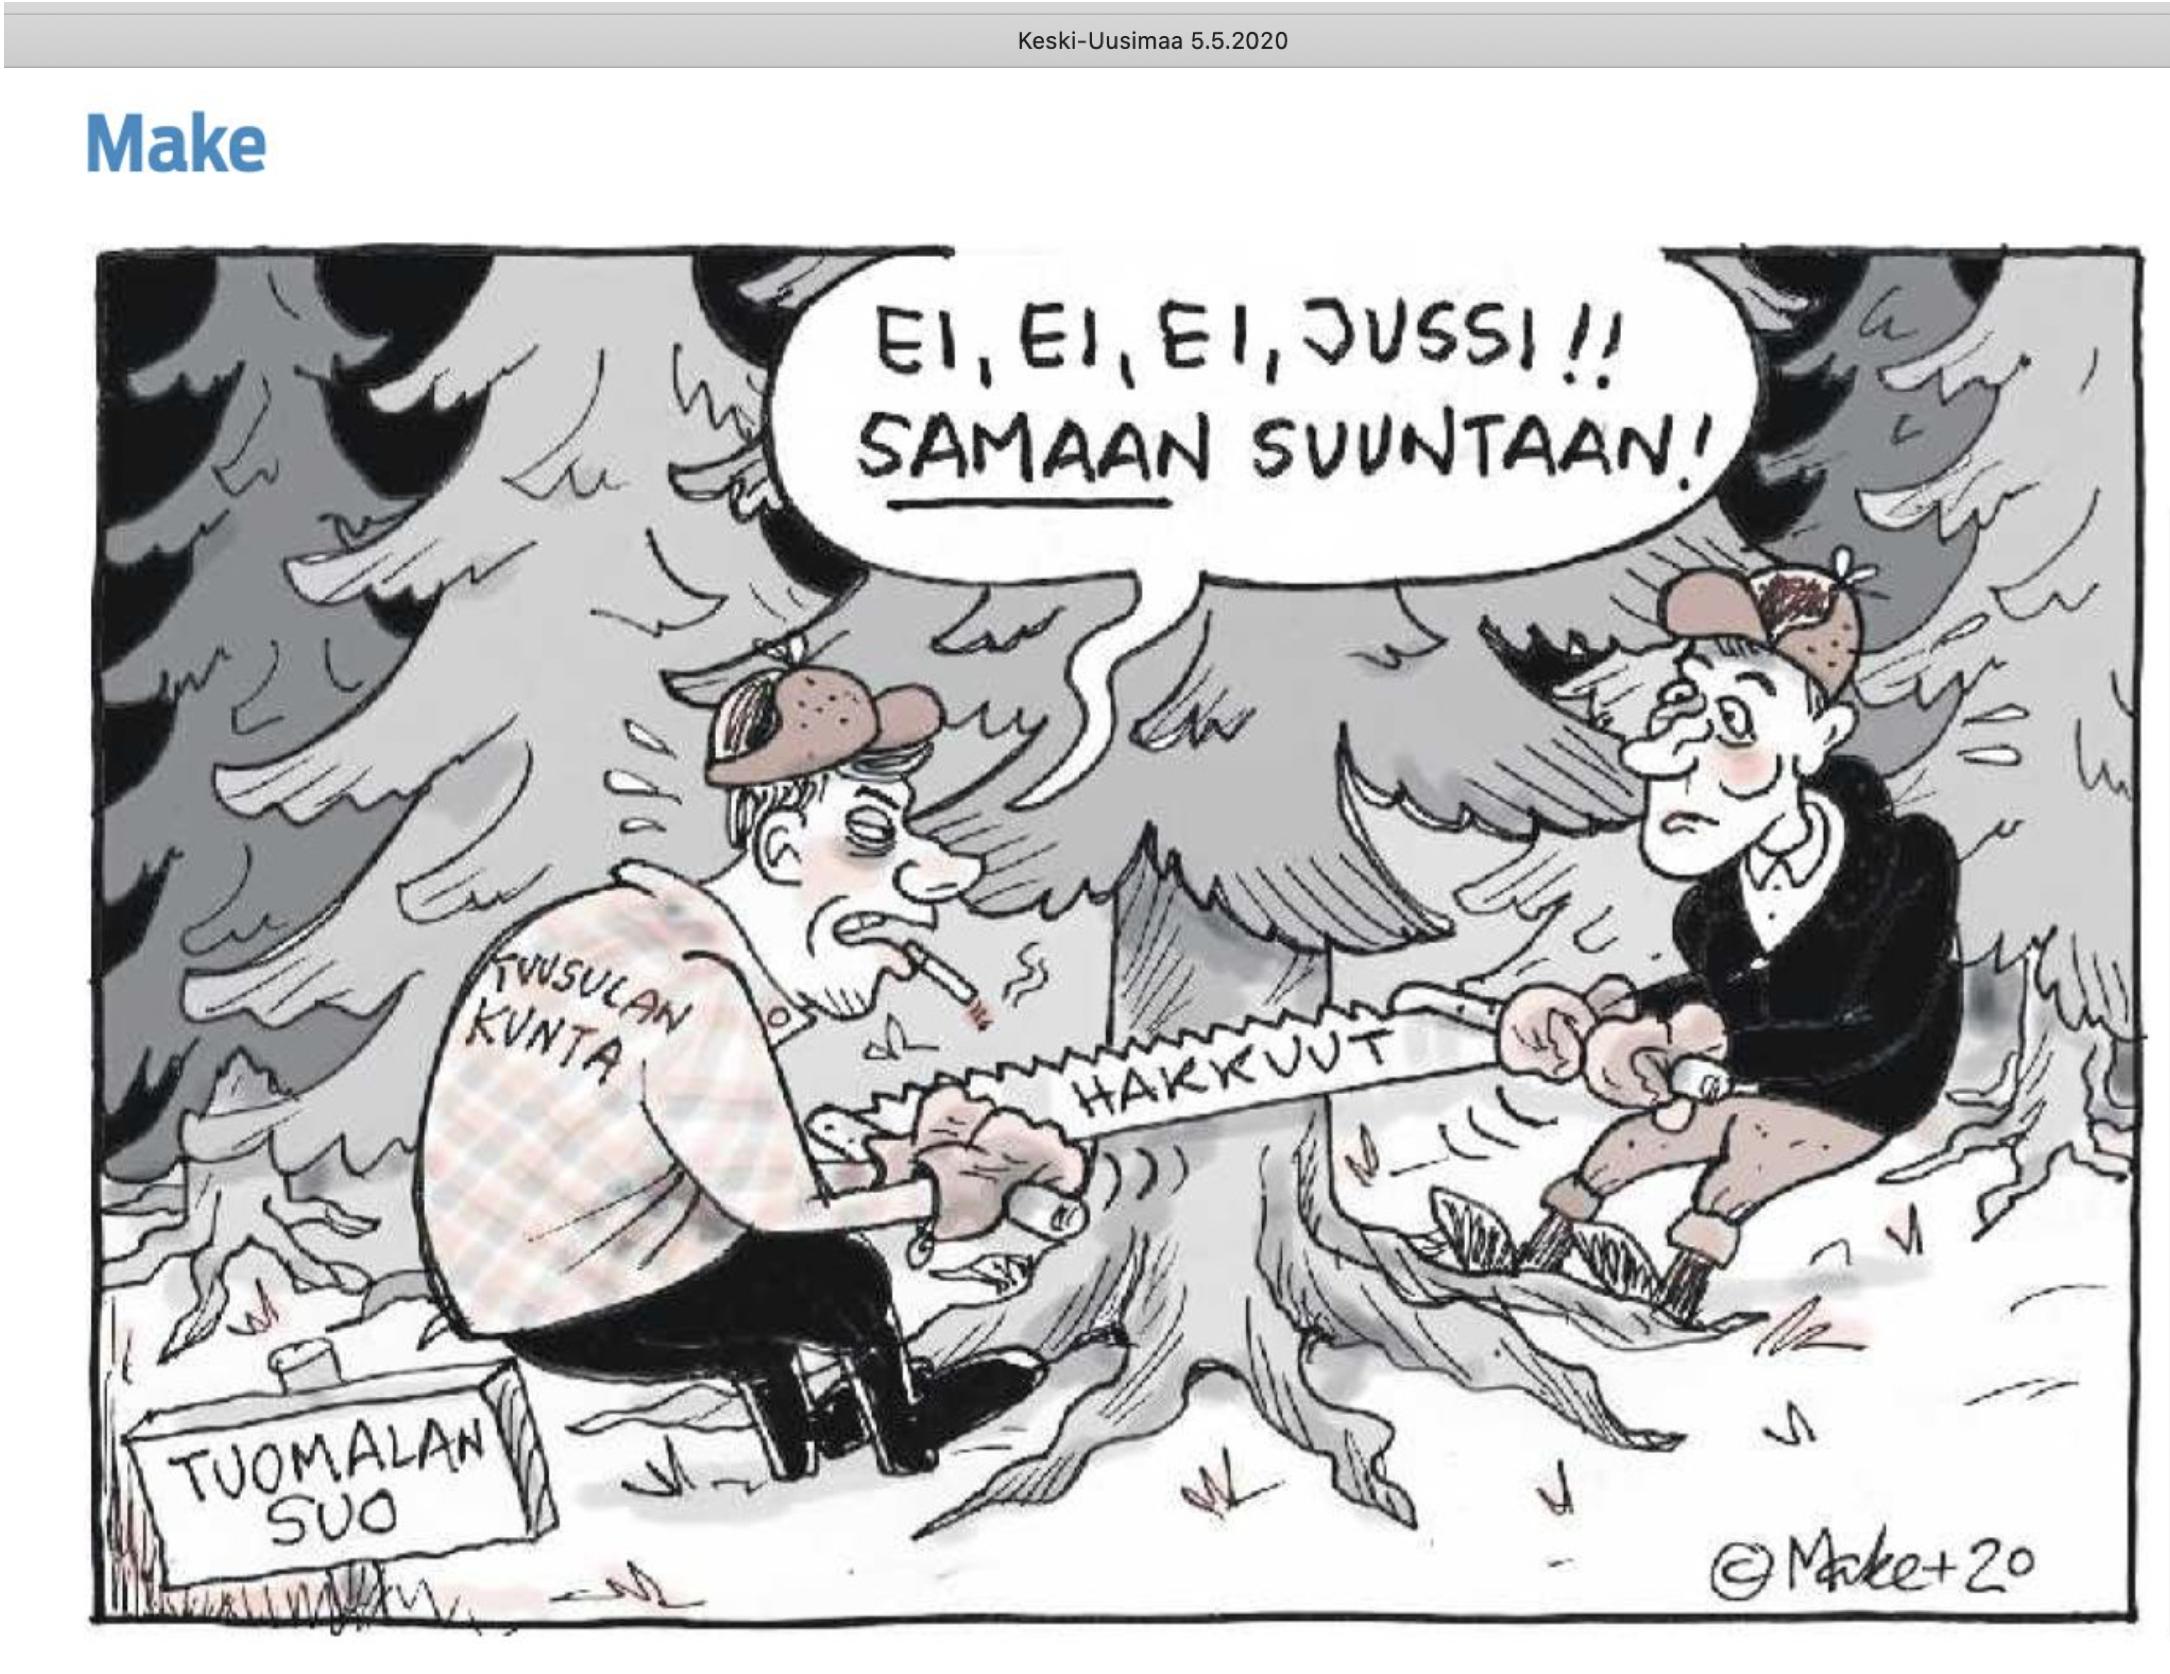 Keski-Uusimaa 2020-05-05 Make: Ei, ei, ei, Jussi! Samaan suuntaan!   Tuomalan suo hakkuut